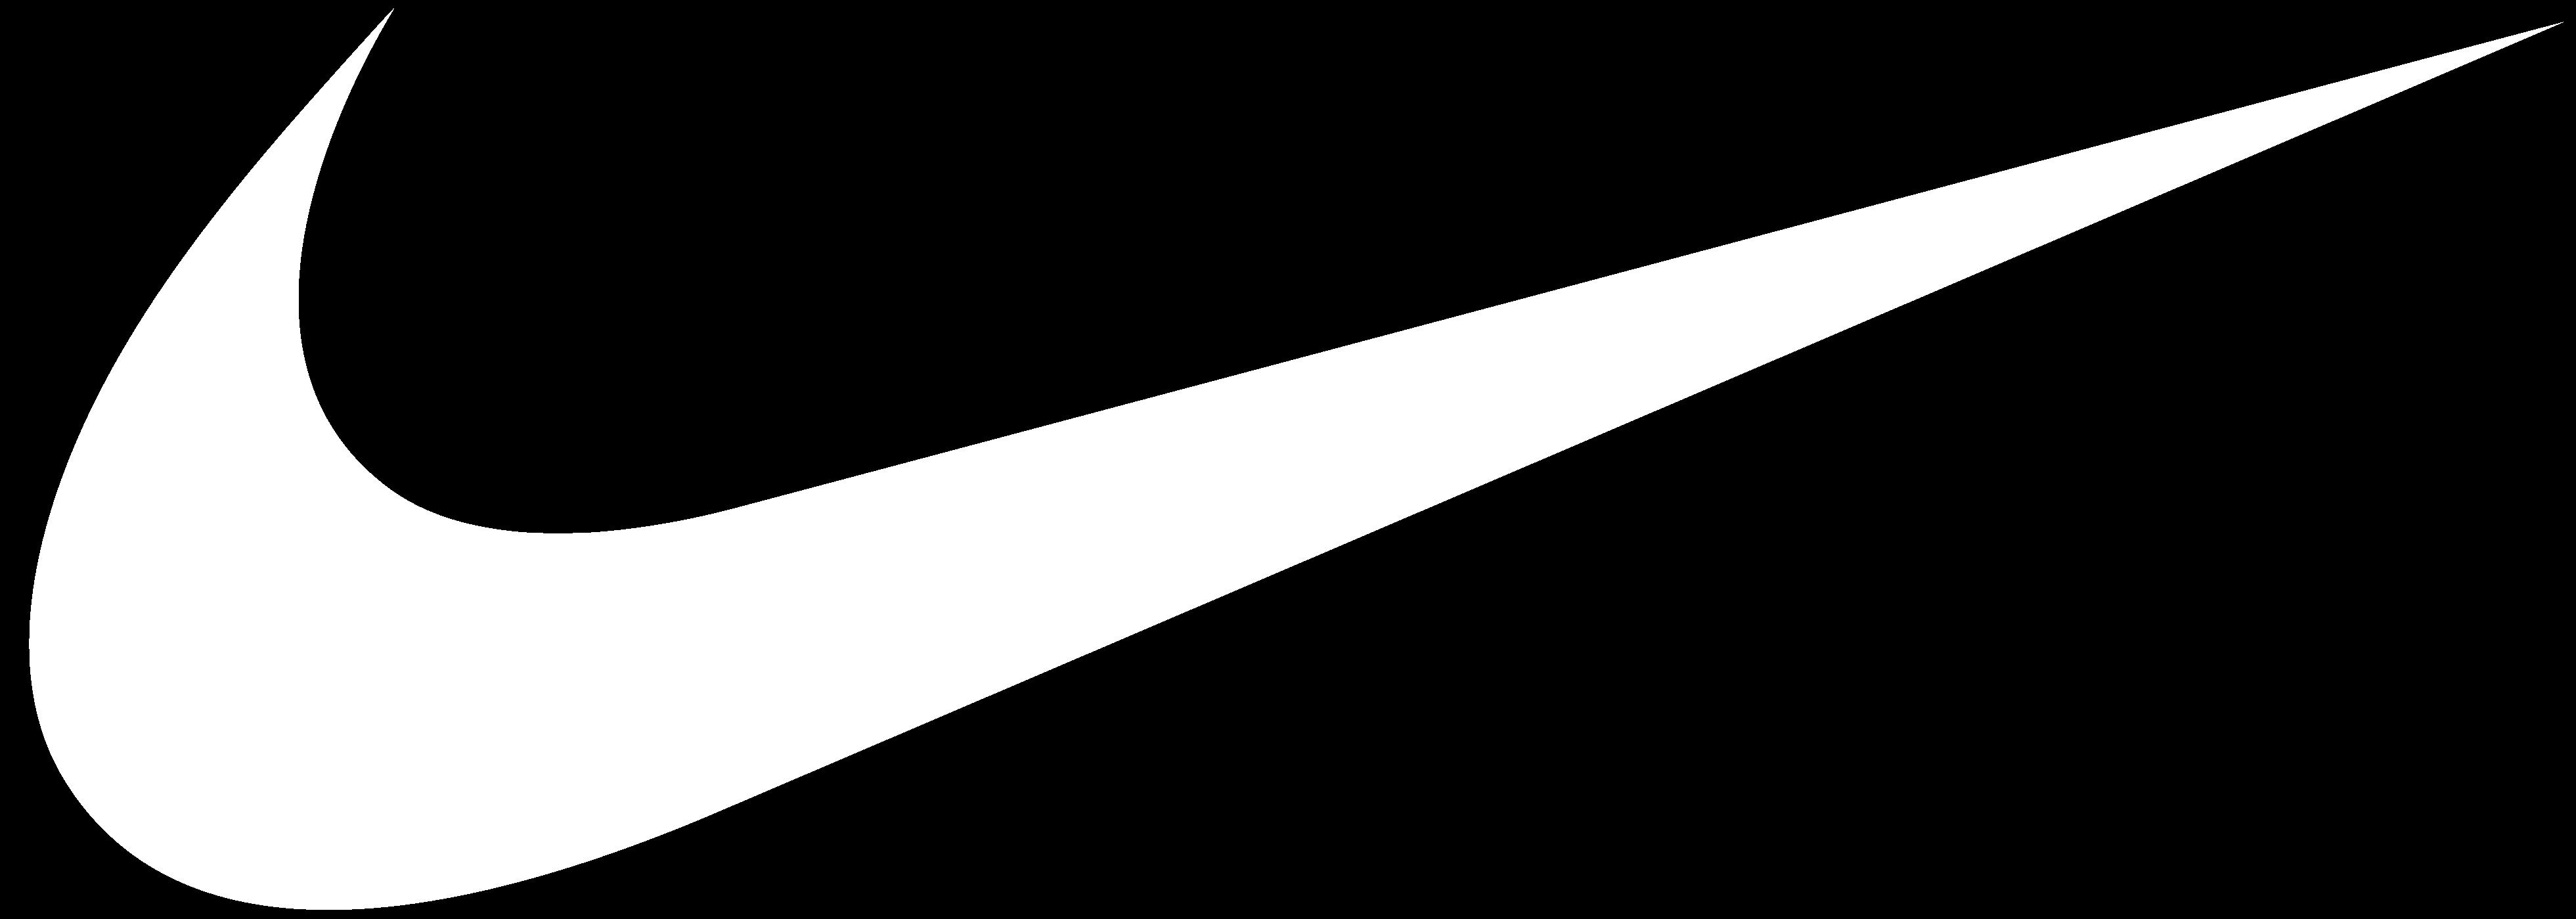 nike-logo-png